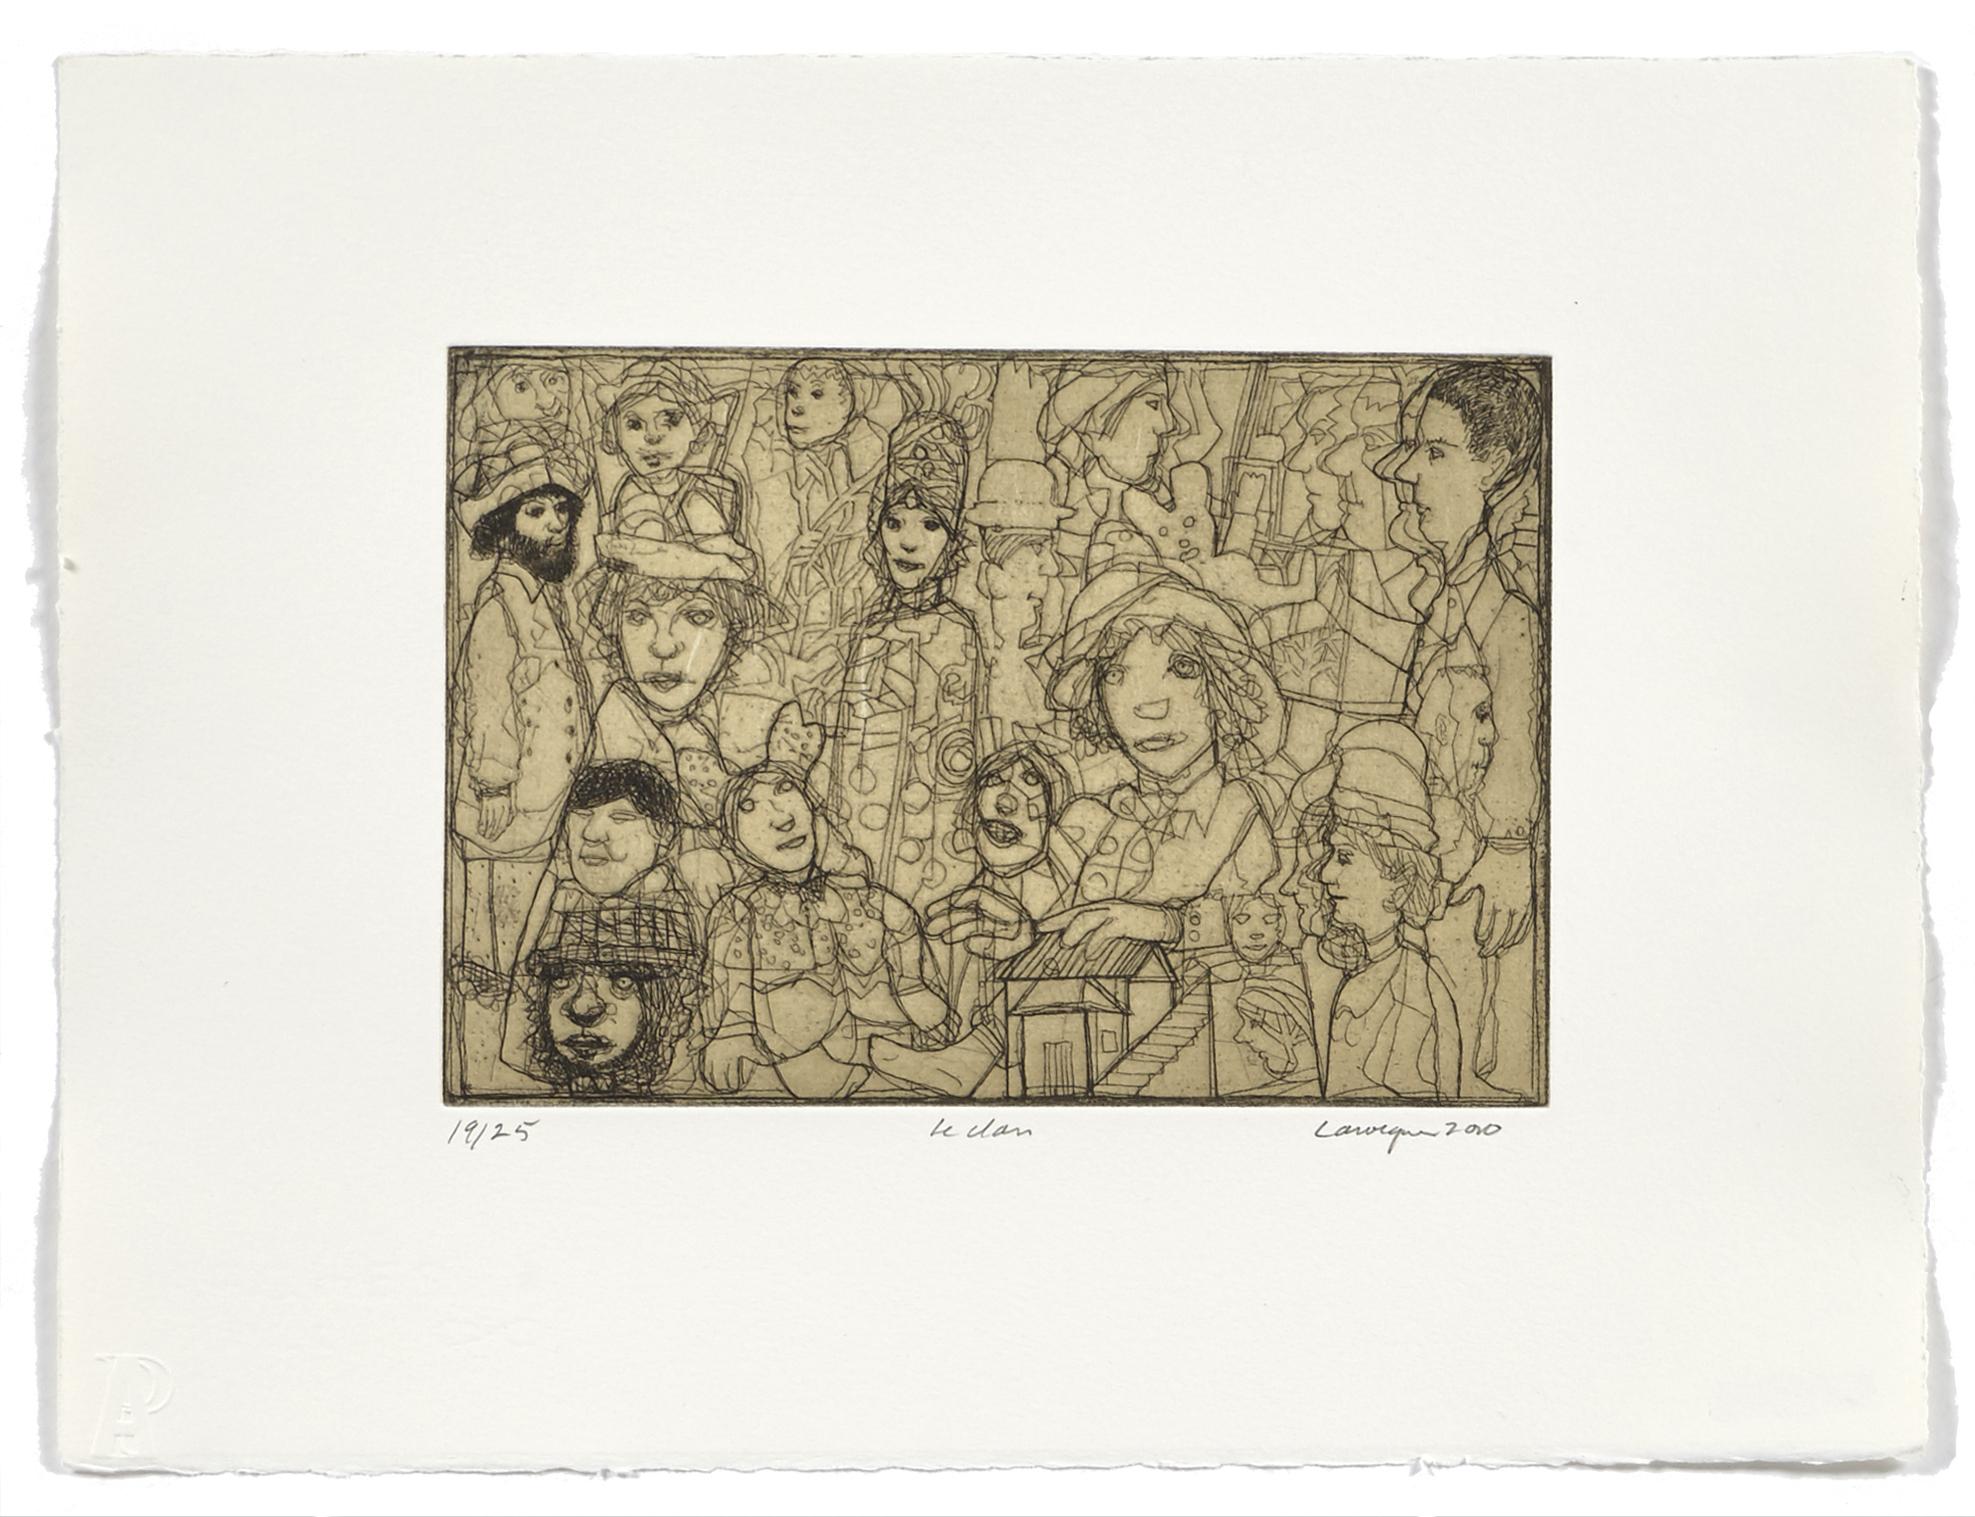 Le clan   2010 | 28 x 38cm | Eau-forte and chine collé | 25 prints | Editor Atelier-Galerie A. Piroir